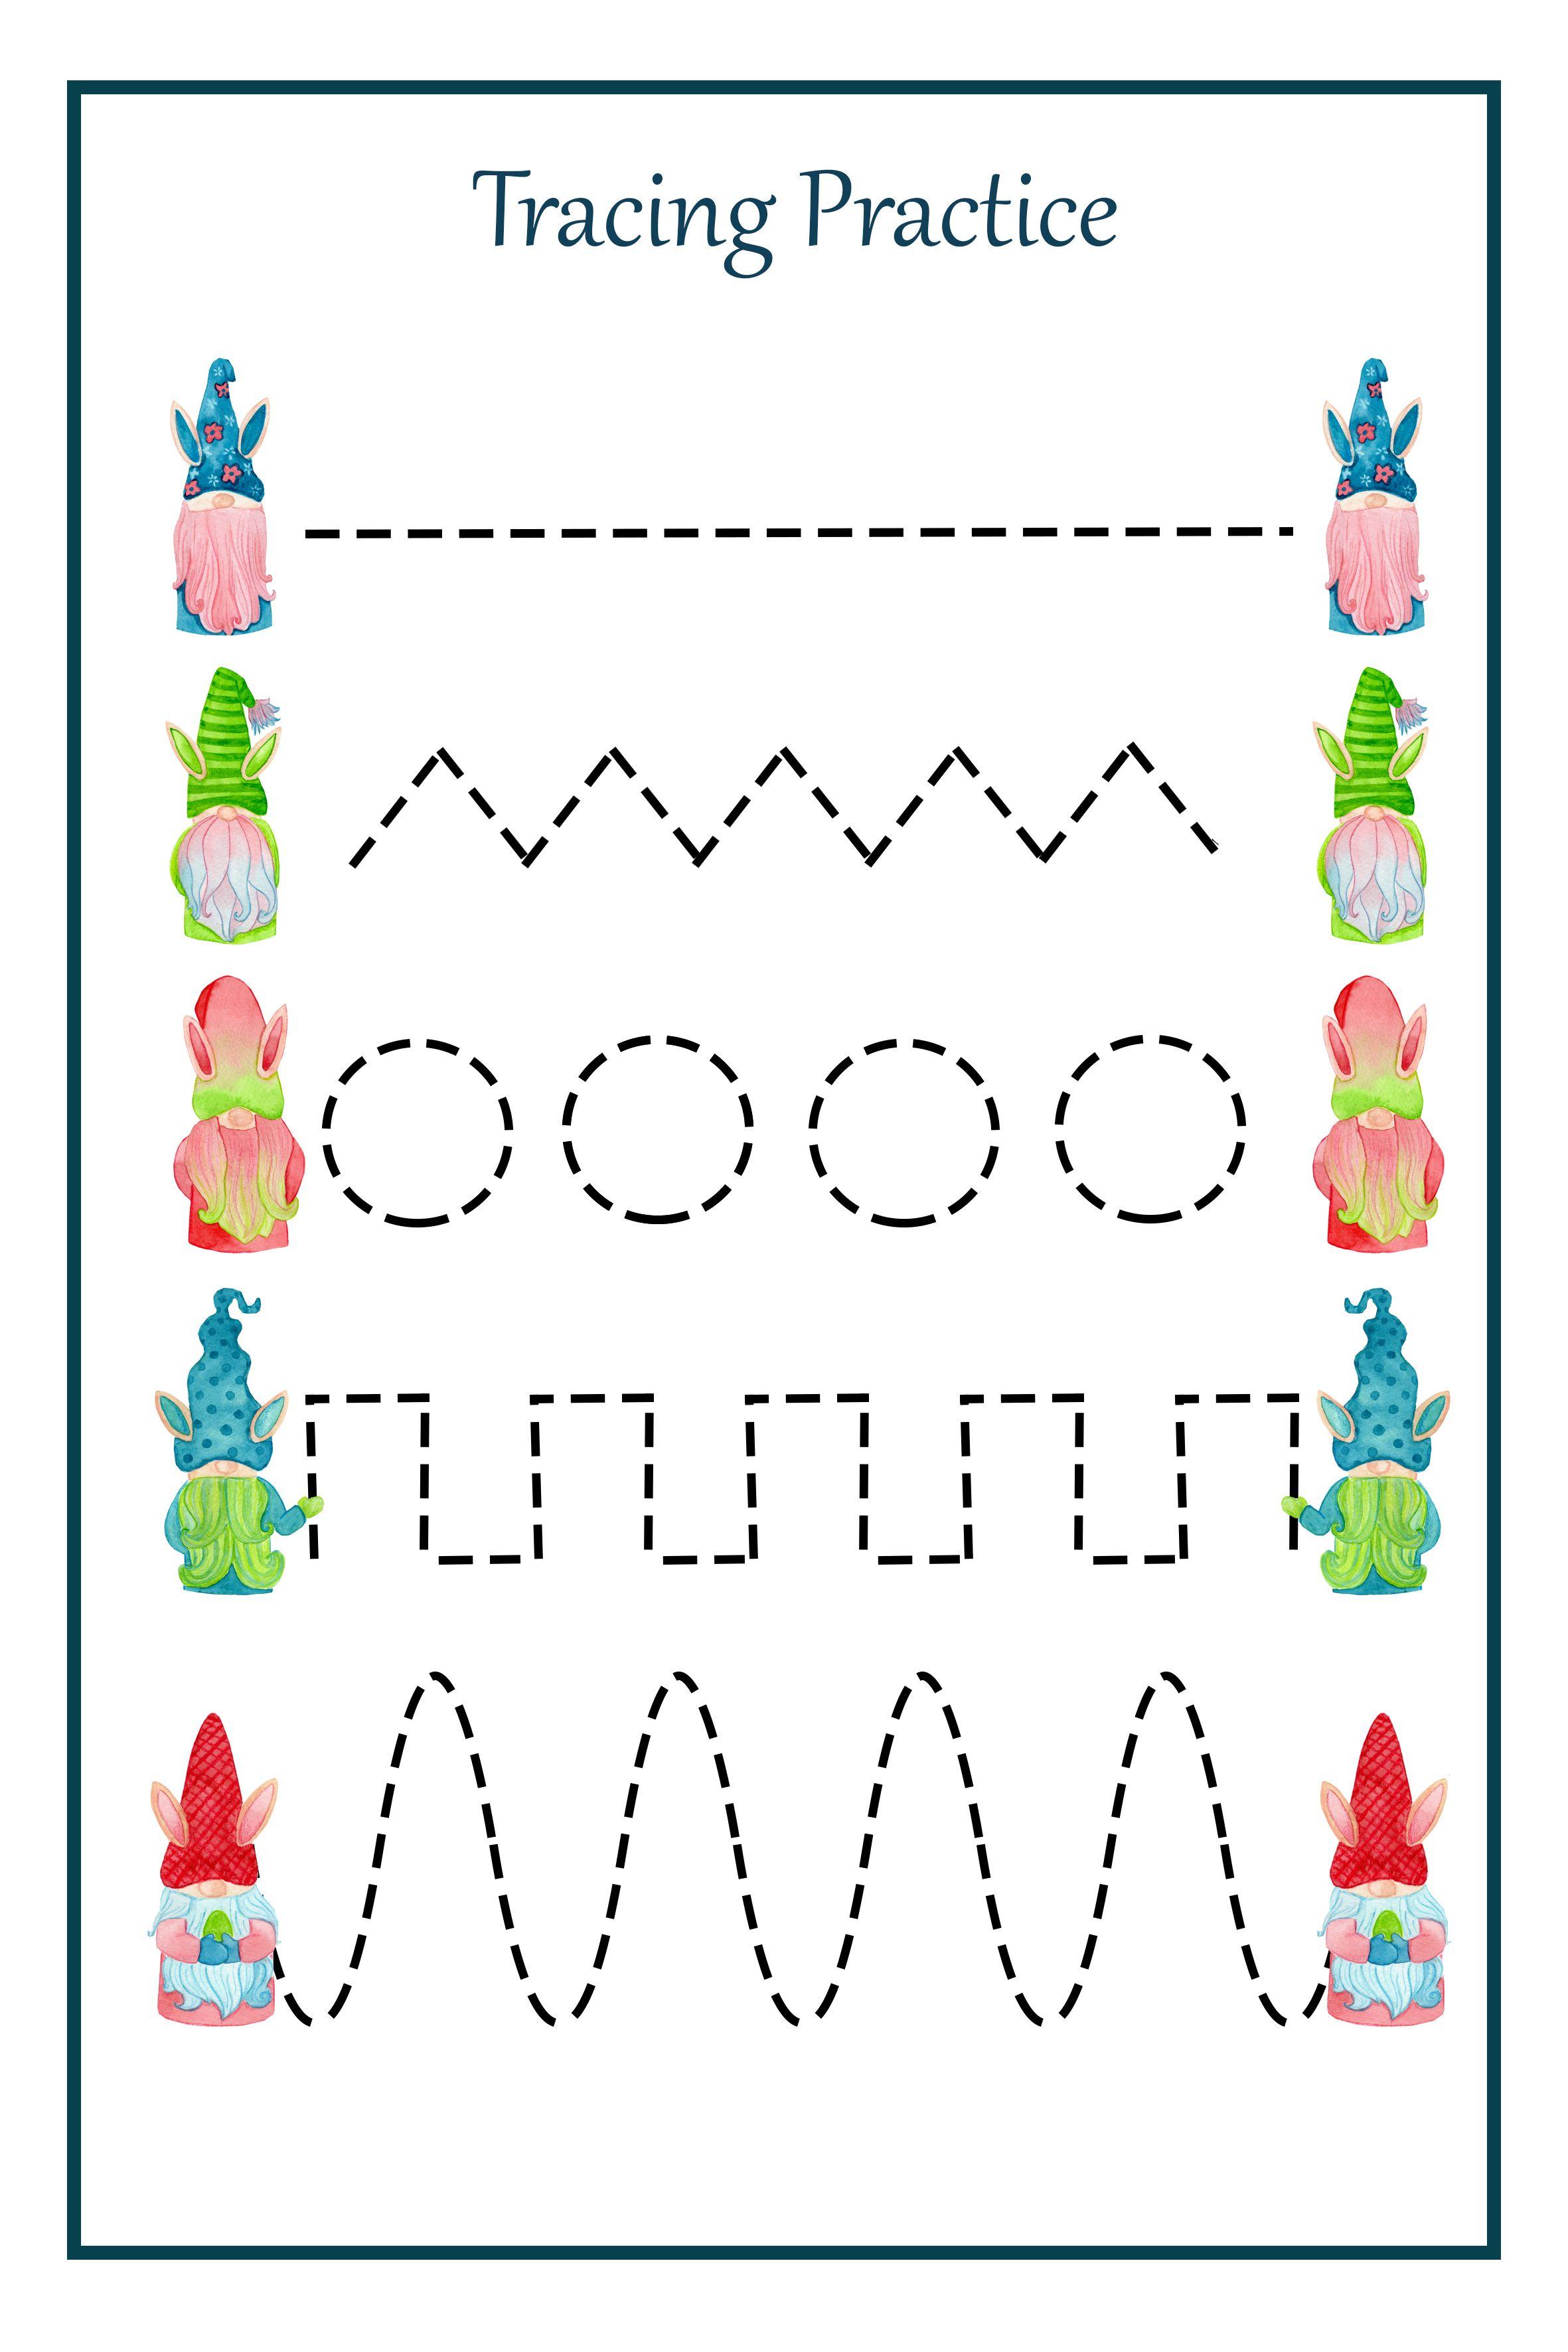 Easter Preschool Pack Easter Preschool Printables Easter Worksheets Learning Printa Easter Printables Preschool Easter Preschool Worksheets Easter Preschool Toddler printable worksheets age 3